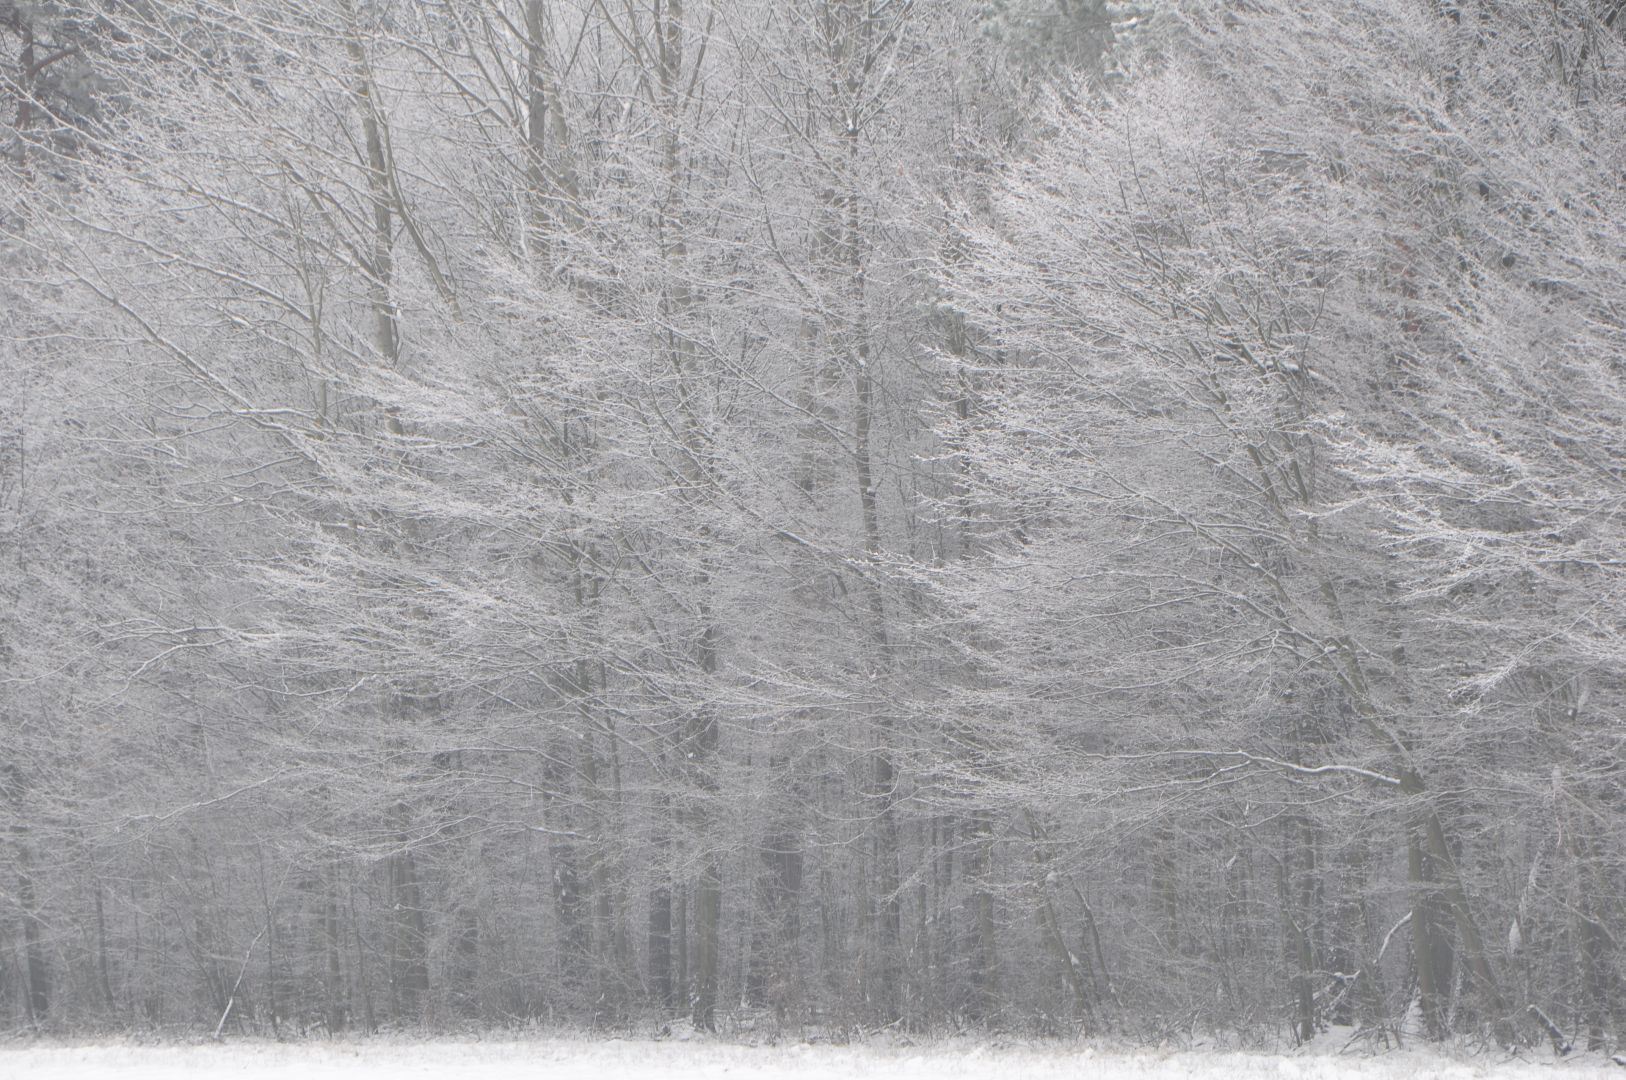 white scene